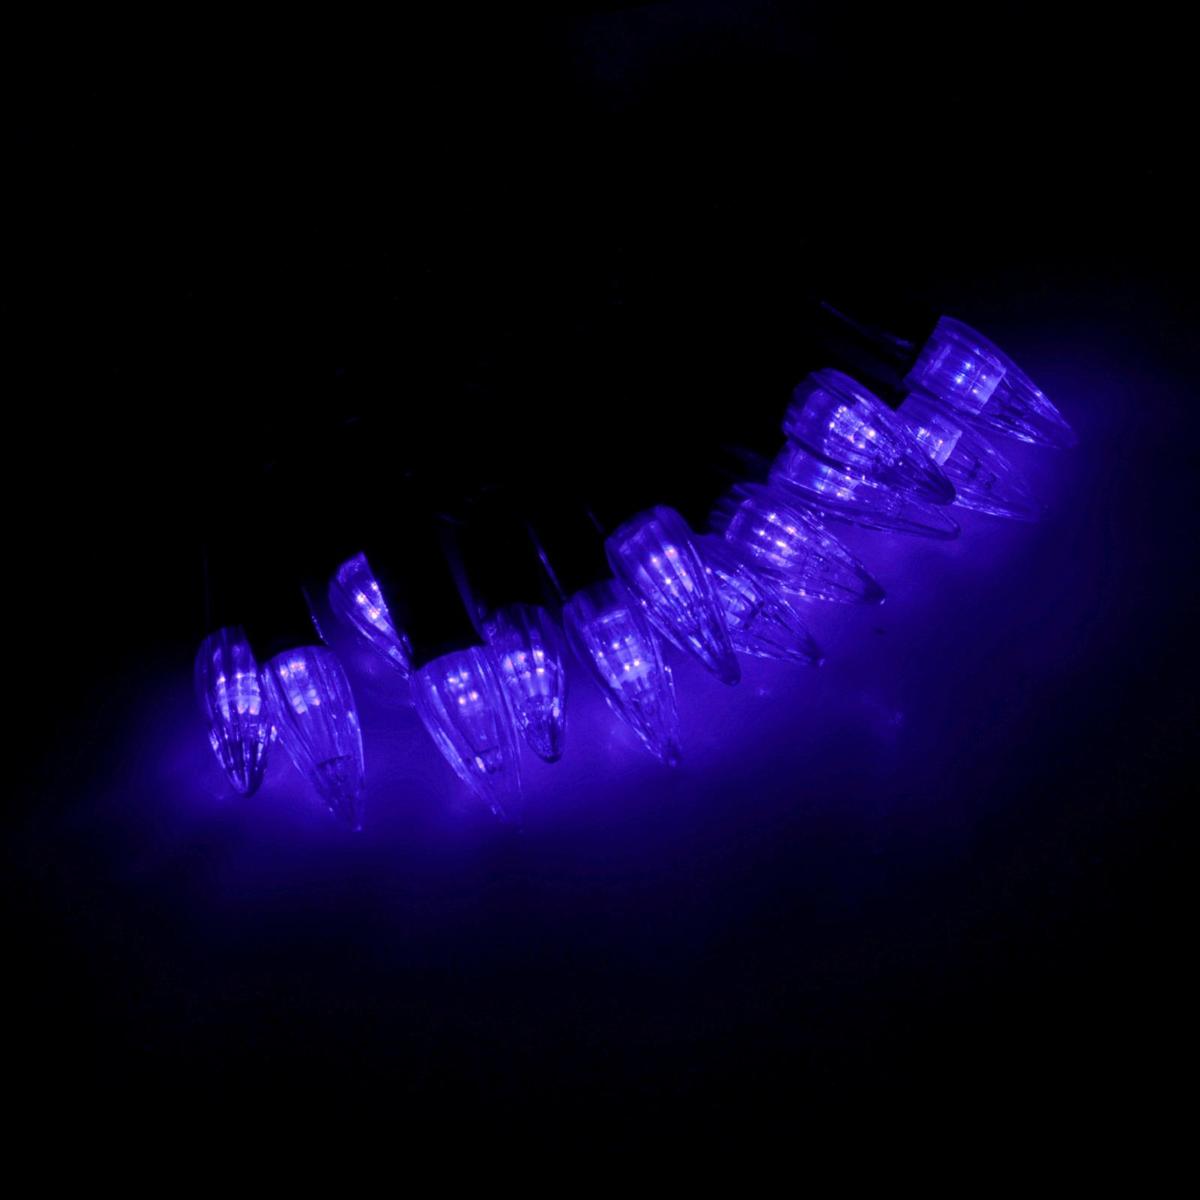 Гирлянда светодиодная Luazon Метраж. Свечки, уличная с насадкой, фиксинг, 40 ламп, 220 V, 5 м, цвет: синий. 185550401-112Светодиодные гирлянды, ленты и т.д. — это отличный вариант для новогоднего оформления интерьера или фасада. С их помощью помещение любого размера можно превратить в праздничный зал, а внешние элементы зданий, украшенные ими, мгновенно станут напоминать очертания сказочного дворца. Такие украшения создают ауру предвкушения чуда. Деревья, фасады, витрины, окна и арки будто специально созданы, чтобы вы украсили их светящимися нитями.